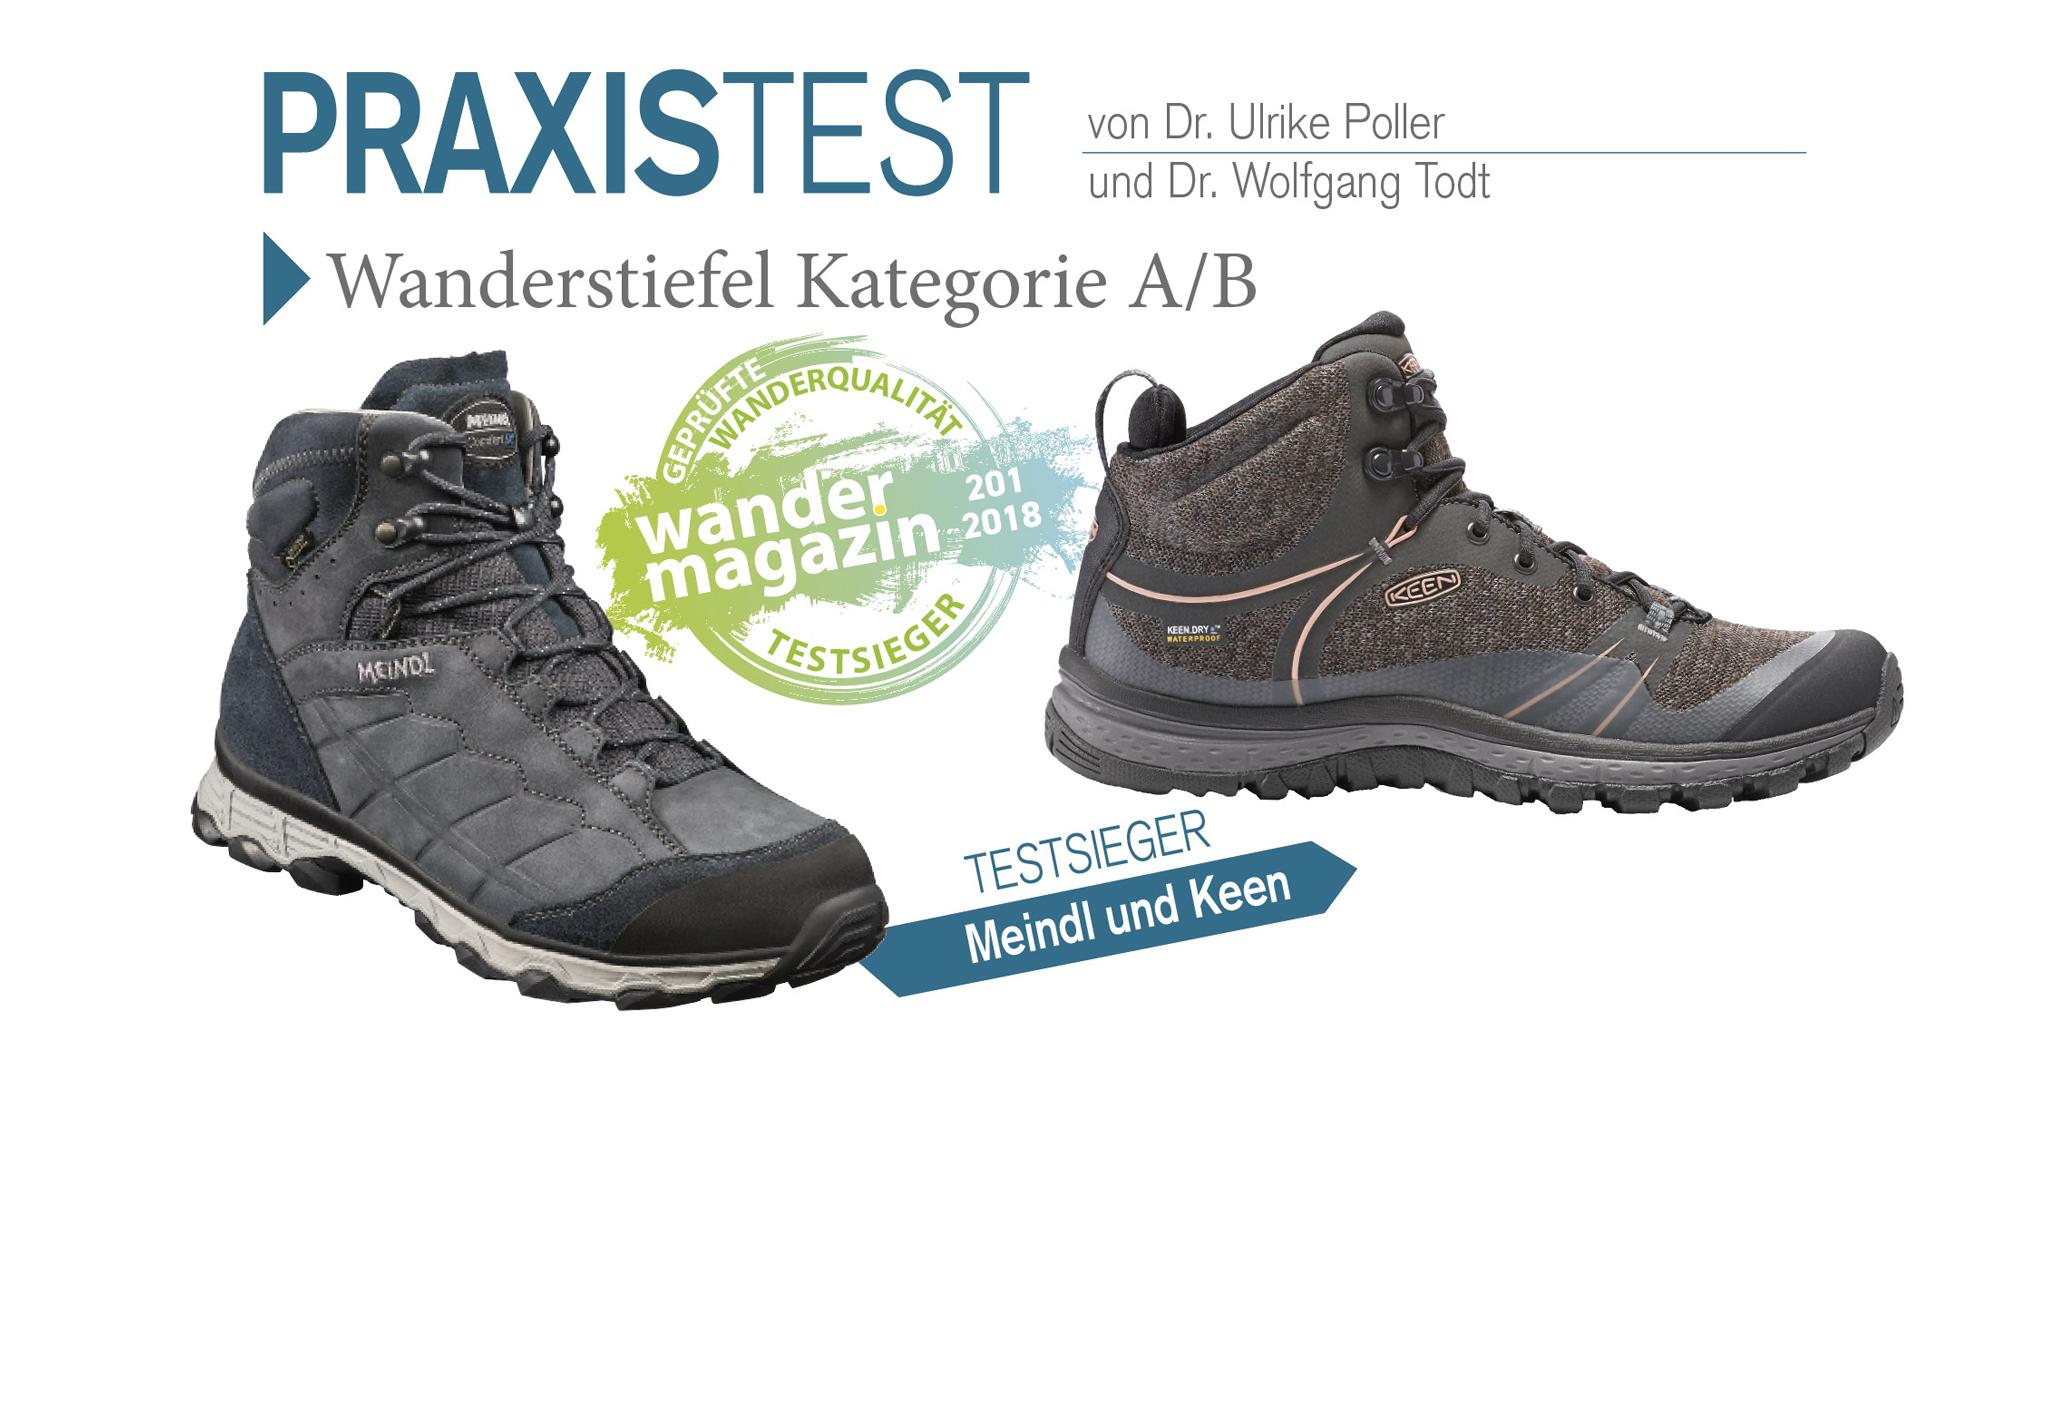 Die Wandermagazin-Testsieger © U. Poller / W. Todt